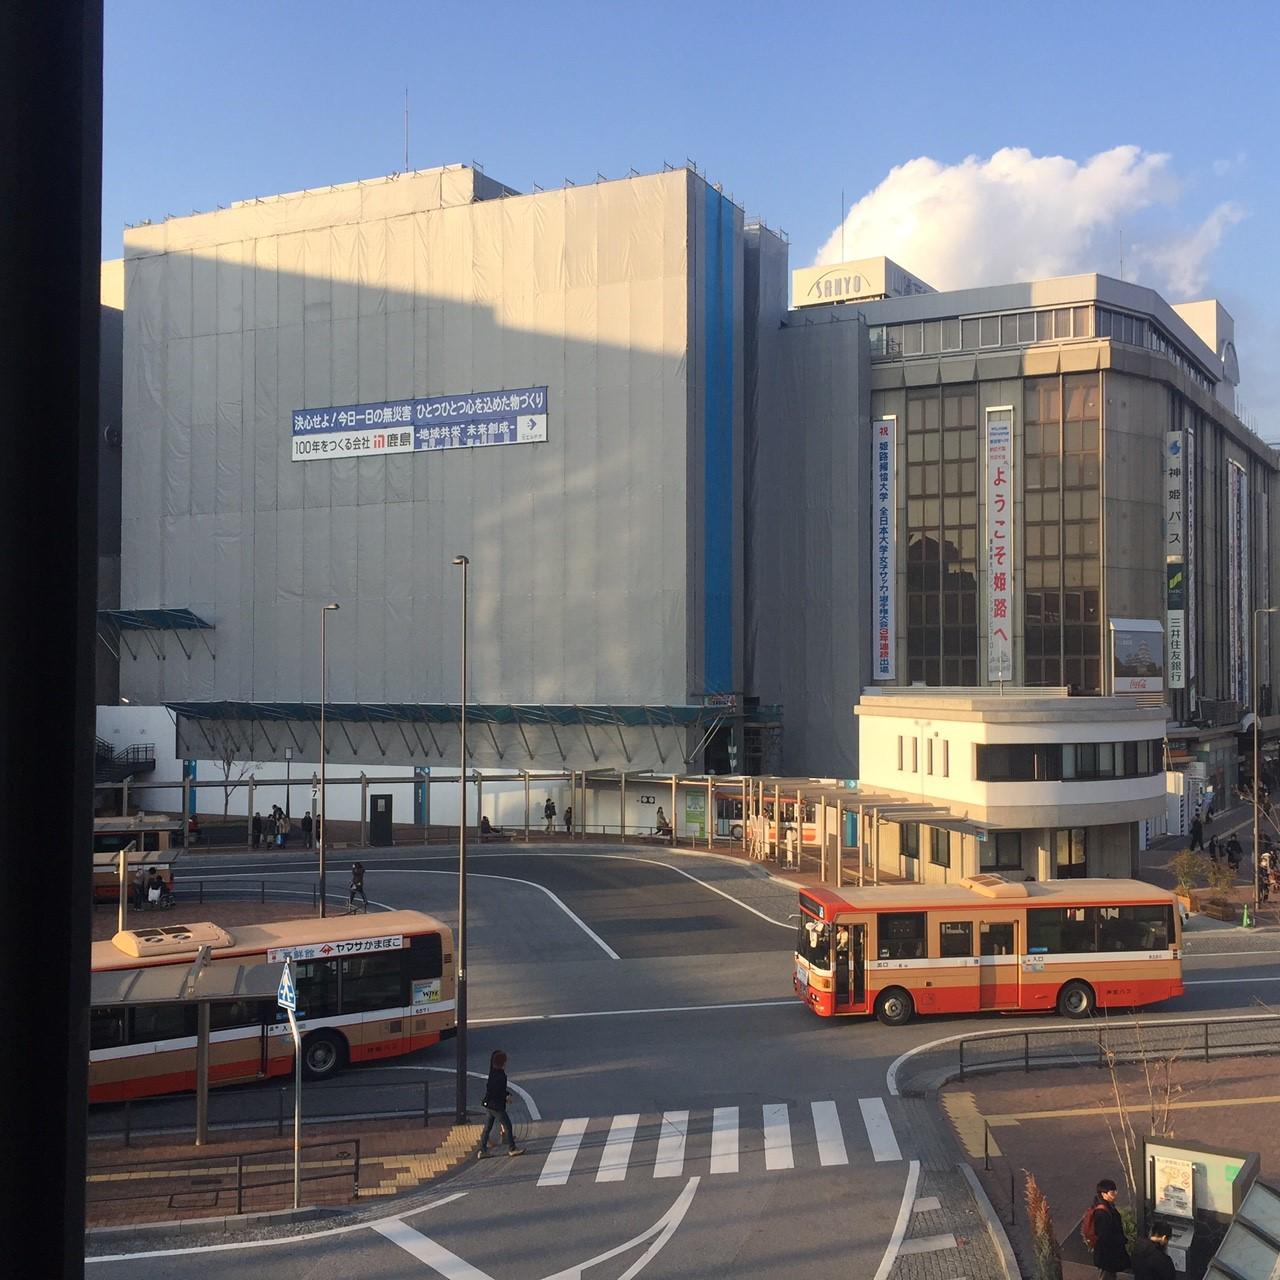 神姫バスの新しいビルが立つみたい_8700